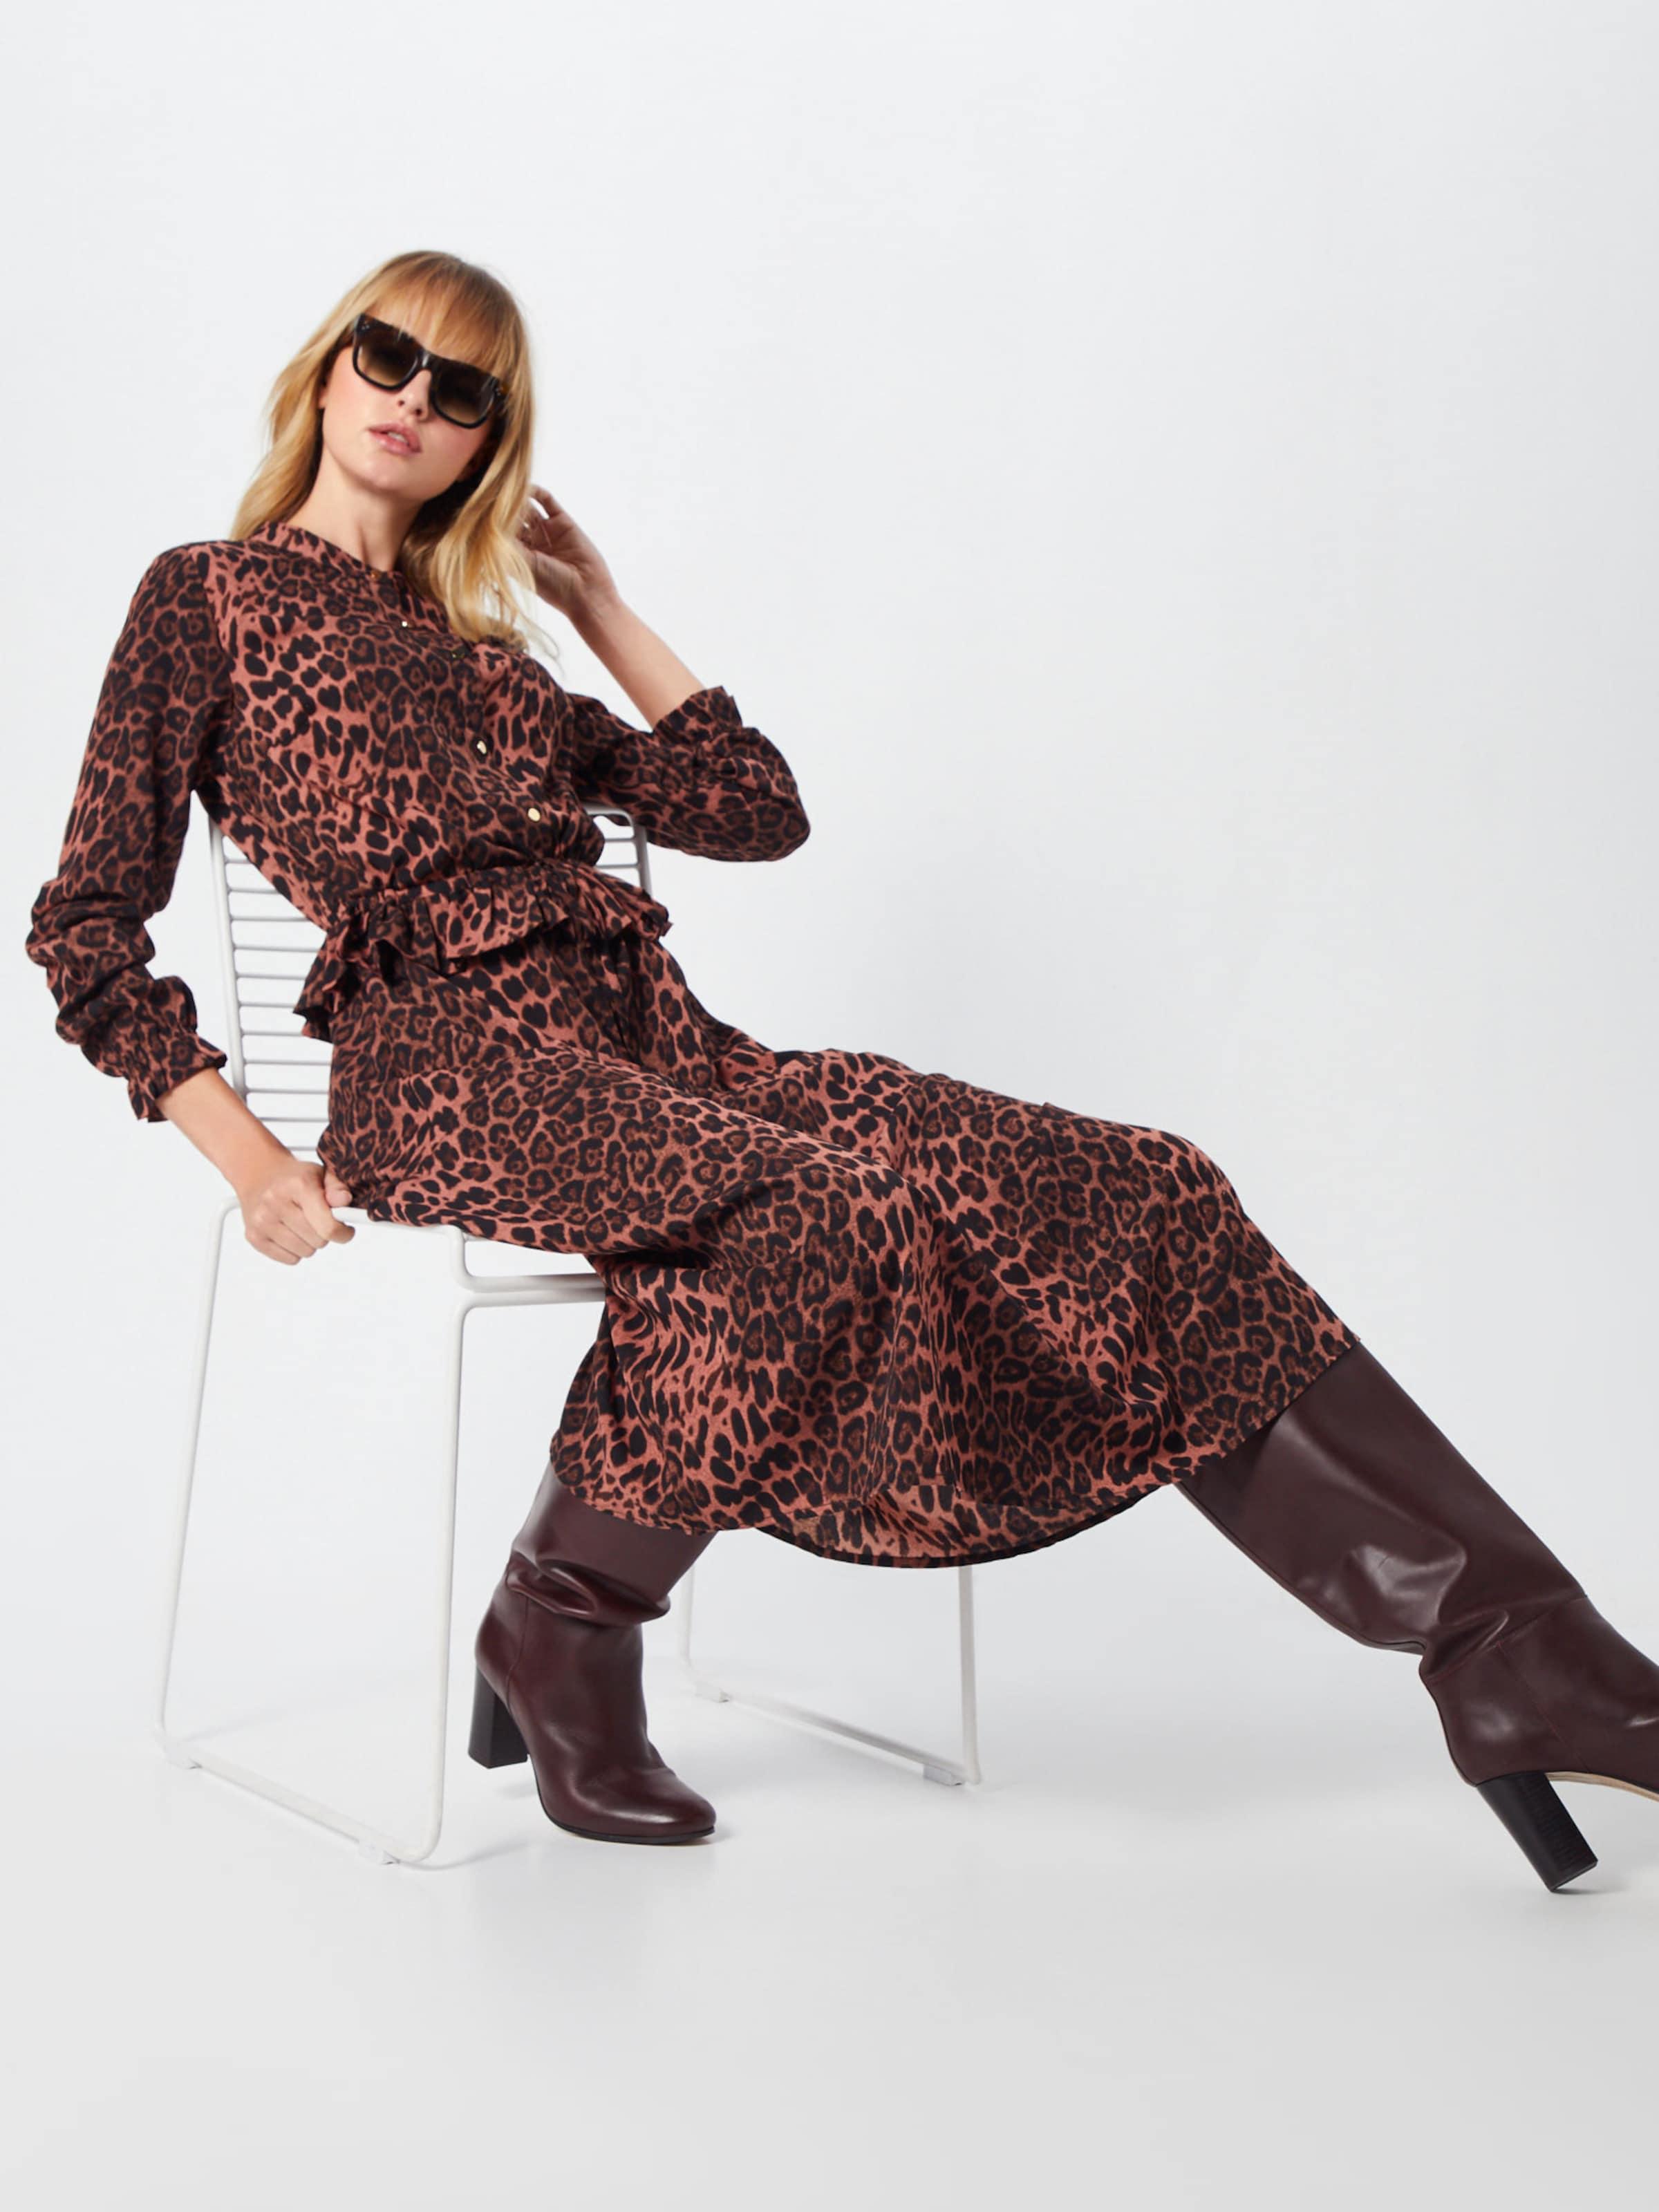 Rouge Robe Schnoor chemise 'maggie' Sofie En RouilleNoir 8n0mNw